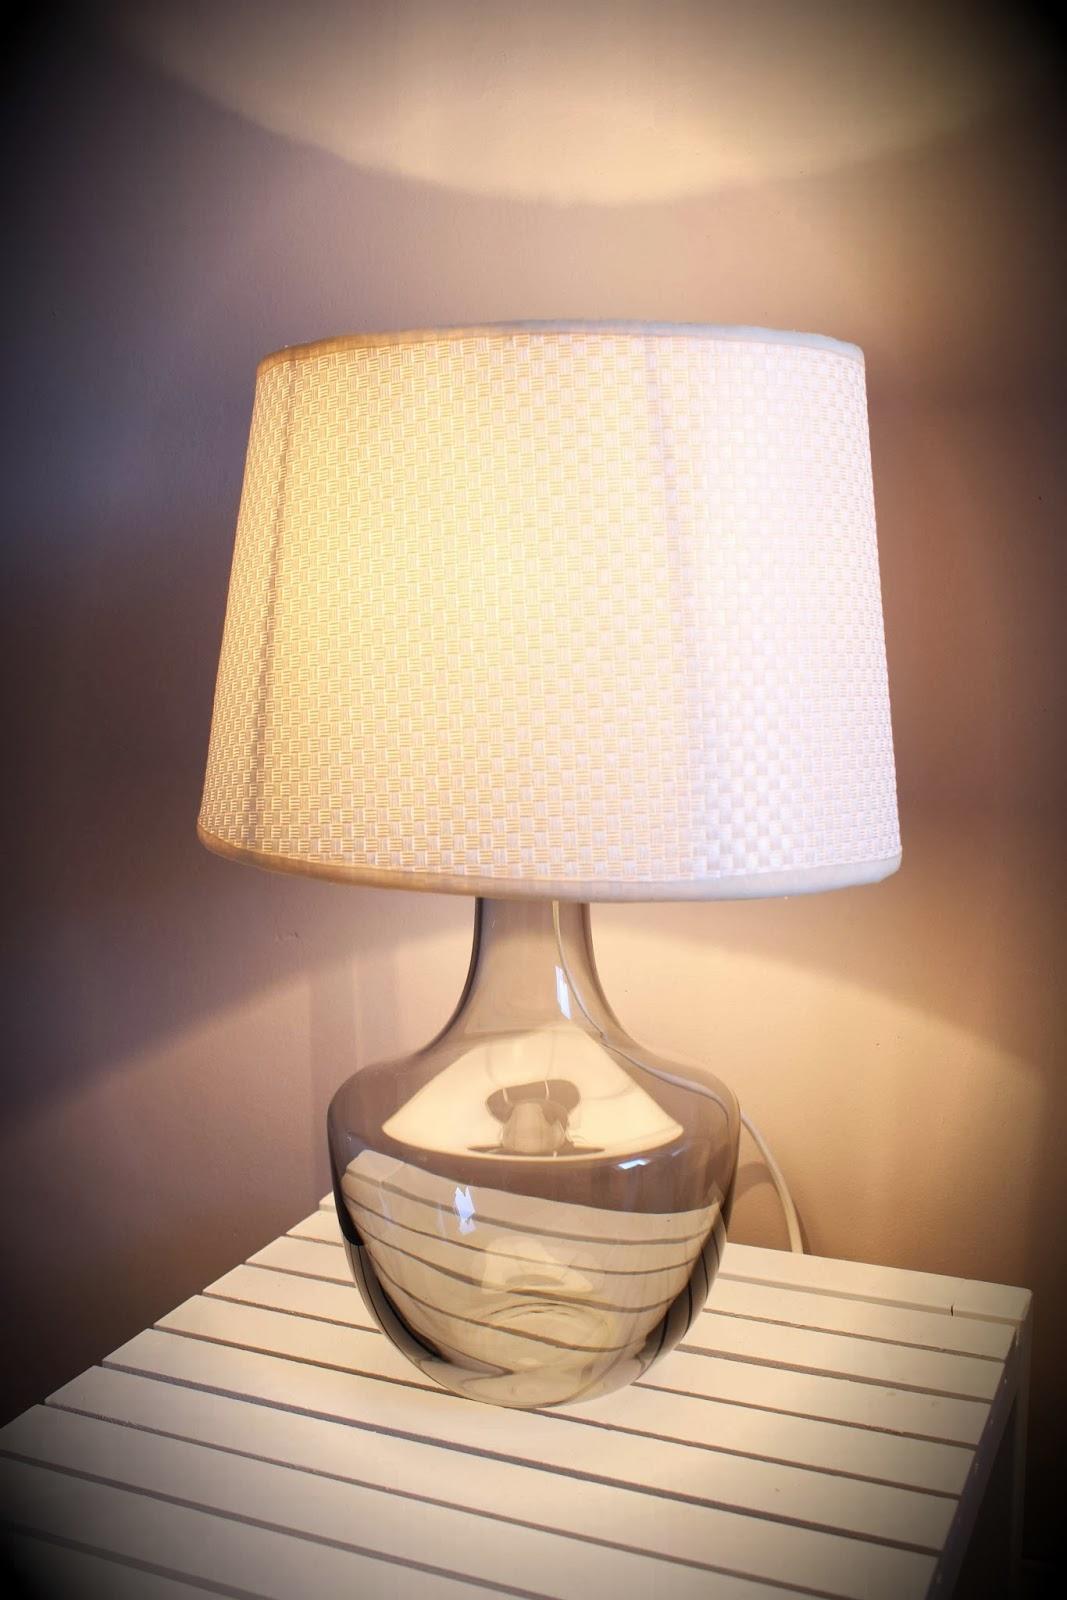 divin 39 id le blog d co diy une lampe originale r alis e partir d 39 une carafe vin ik a diy. Black Bedroom Furniture Sets. Home Design Ideas